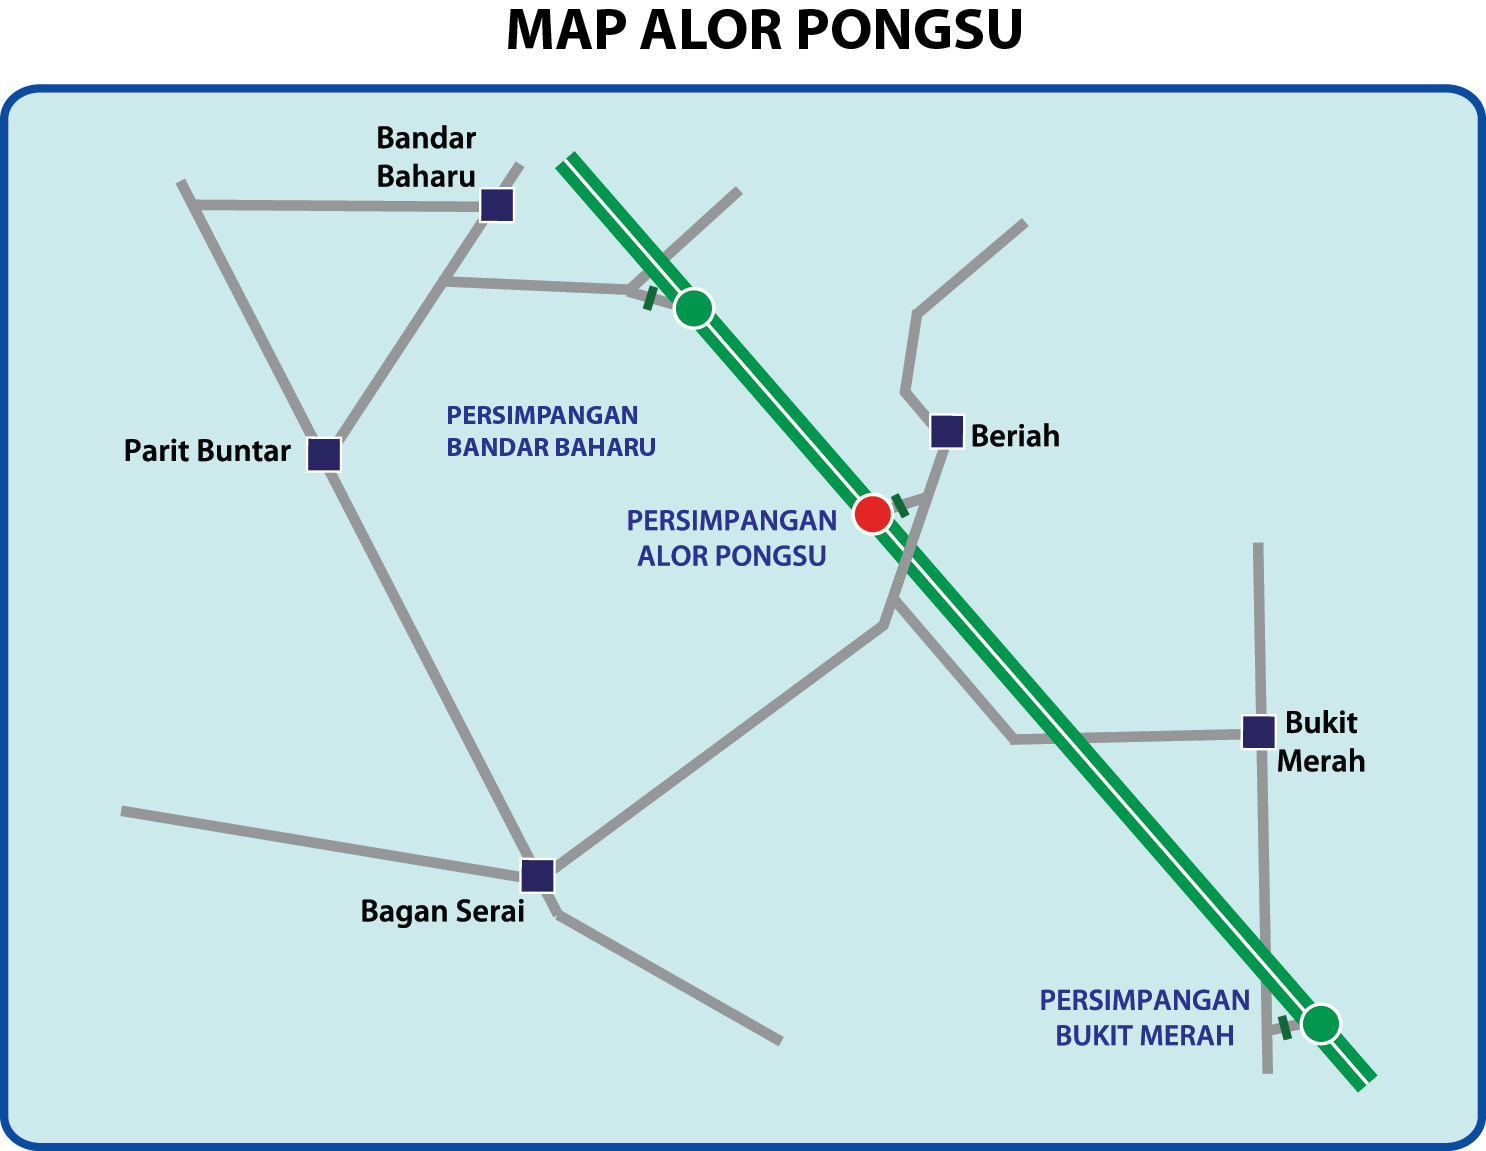 Plaza Tol Alor Pongsu, Laluan Keluar PLUS ke Bagan Serai dan Selama